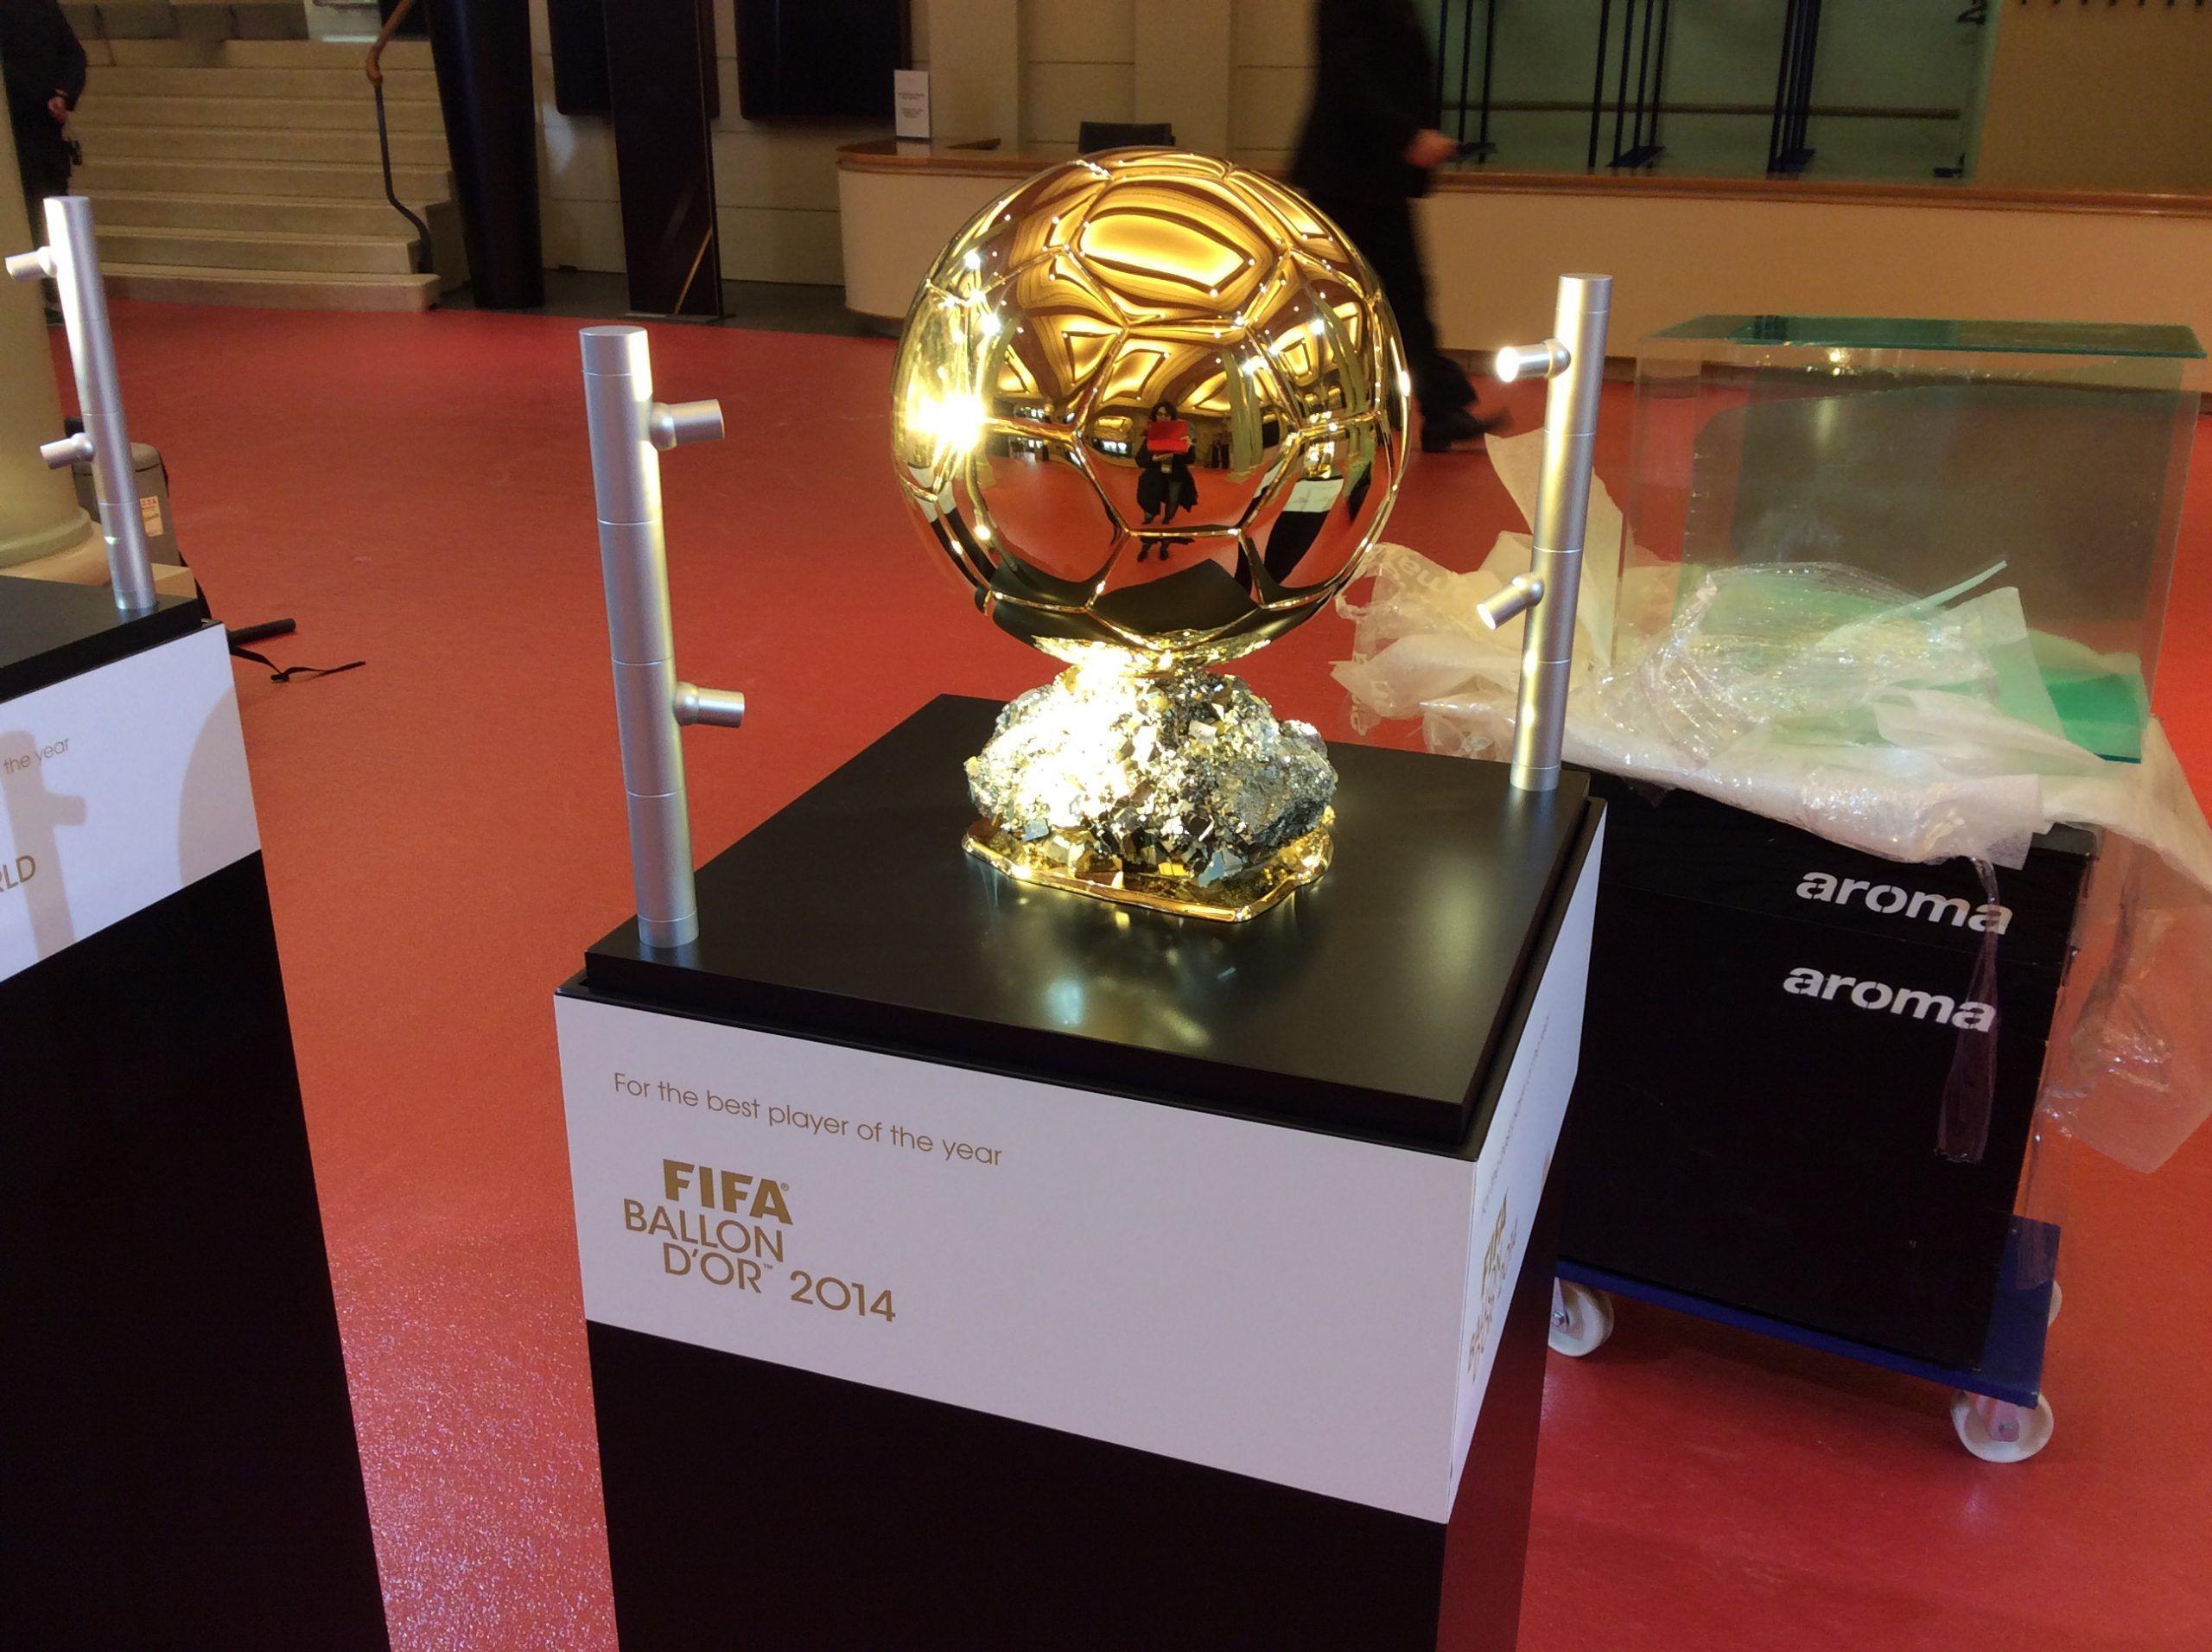 Pallone d'oro 2014: vince ancora Cristiano Ronaldo